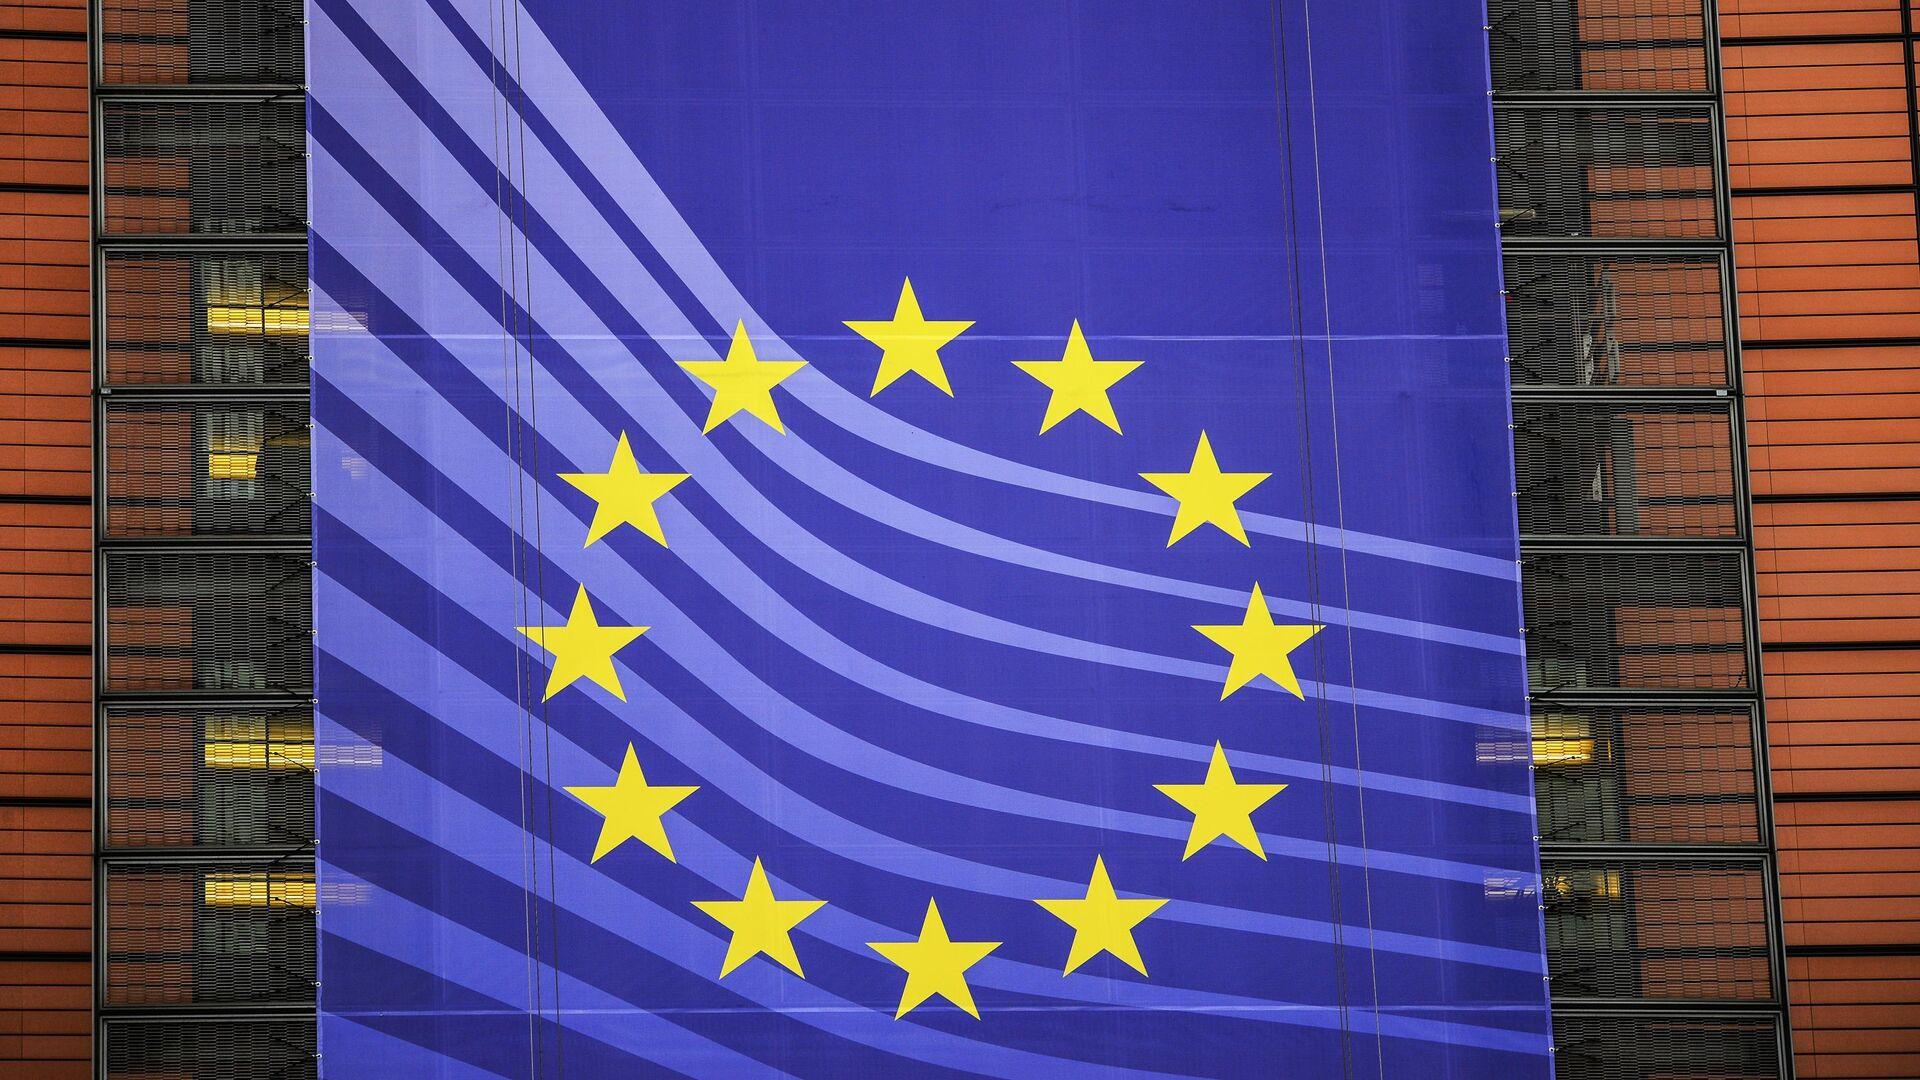 Баннер с символикой Евросоюза на здании Европейской Комиссии в Брюсселе. - РИА Новости, 1920, 26.12.2020